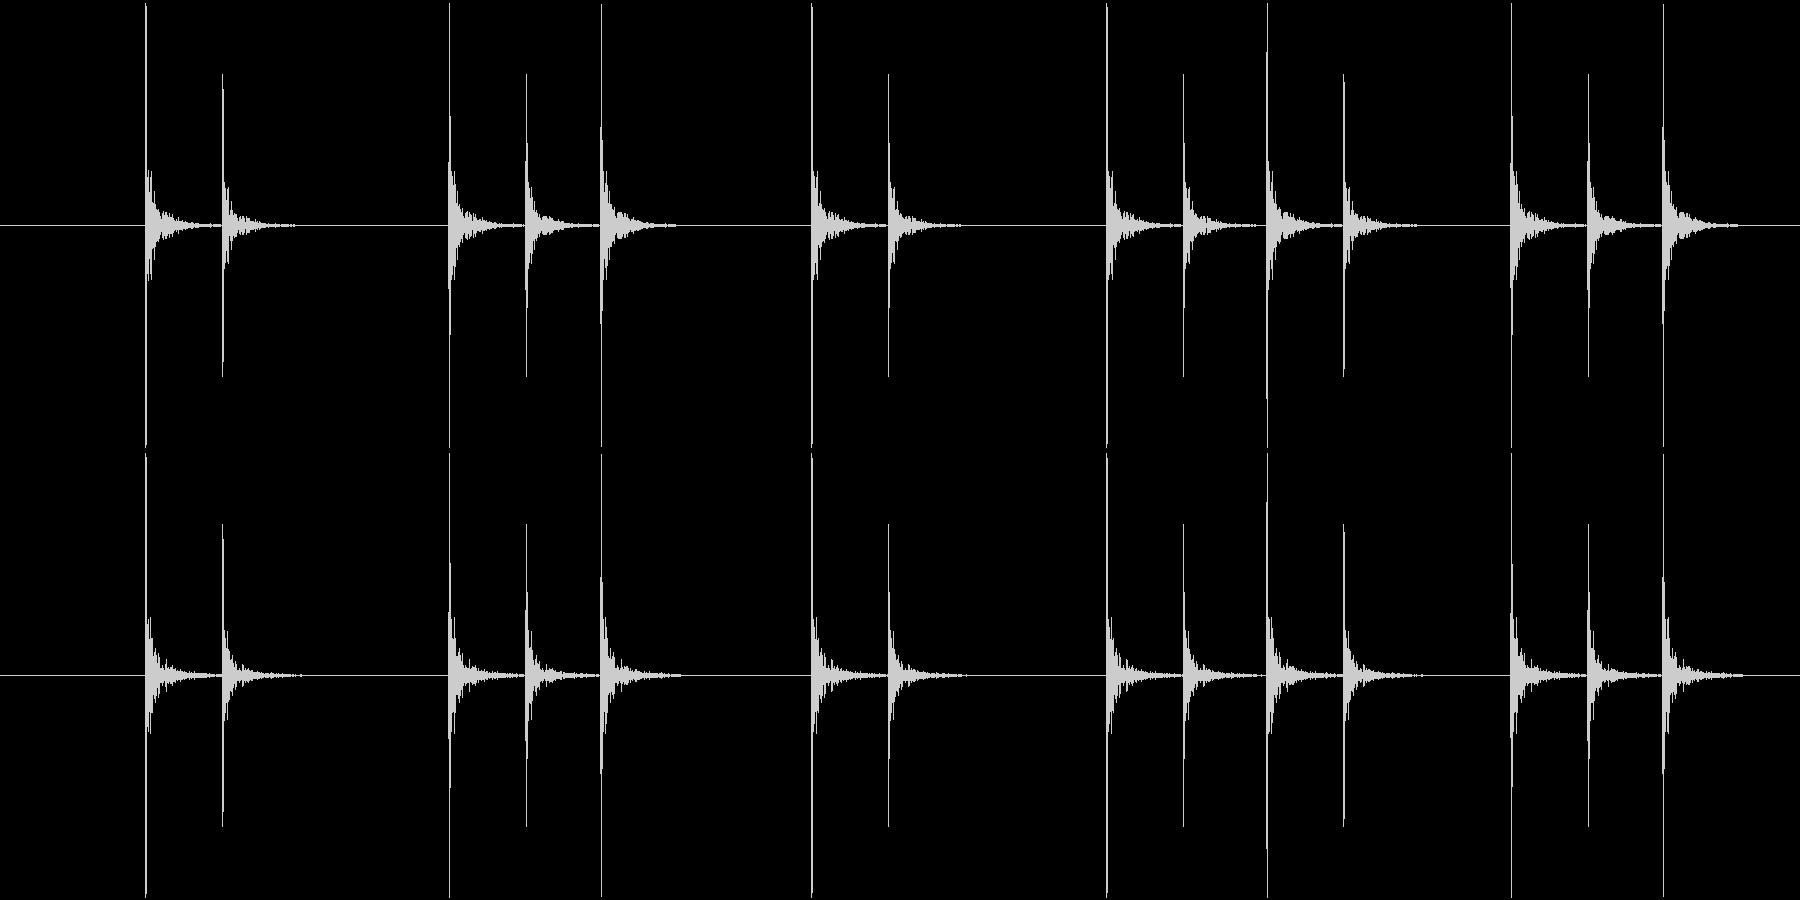 コンコンという連続したノック音の未再生の波形